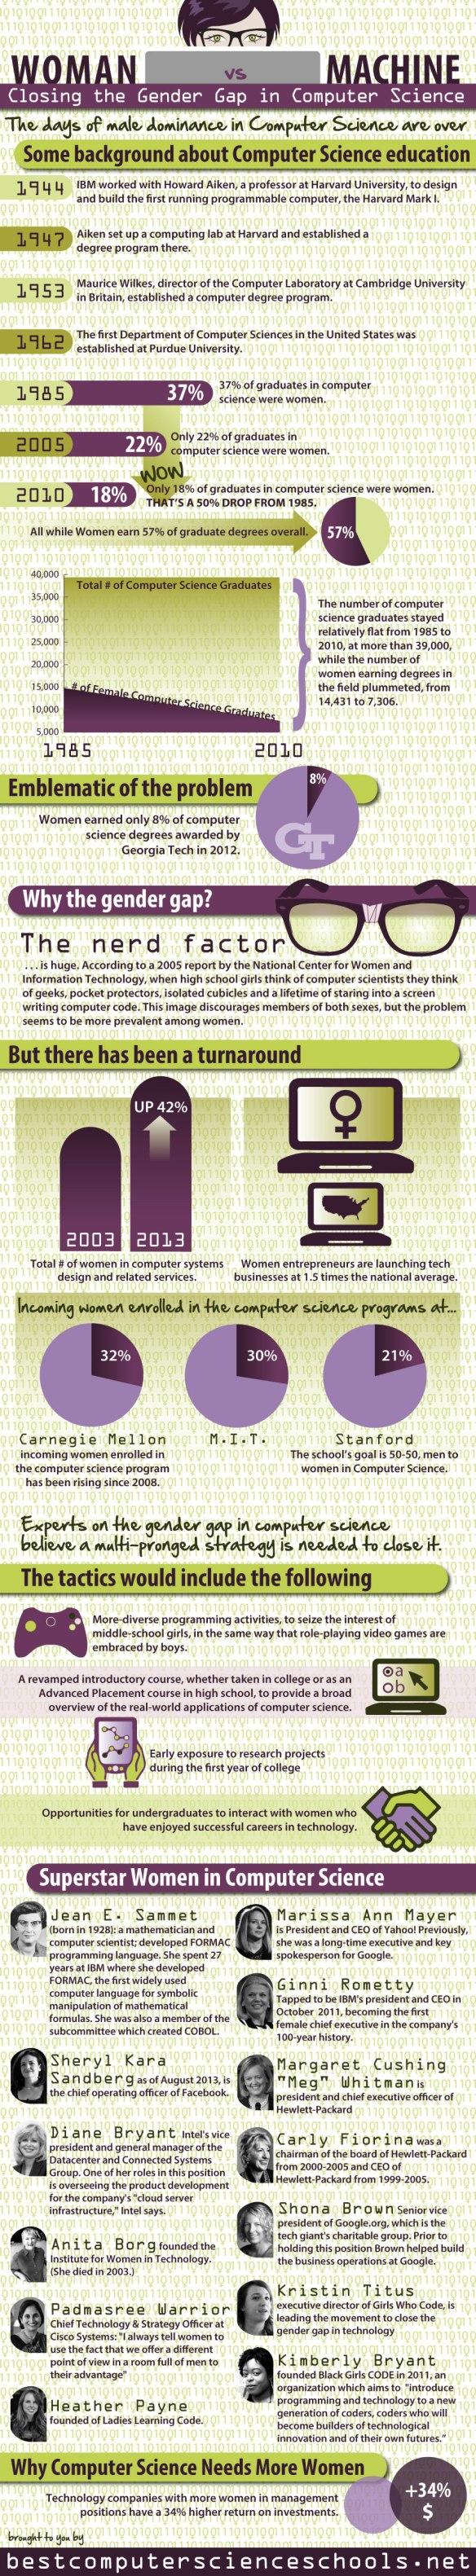 women-in-computer-science